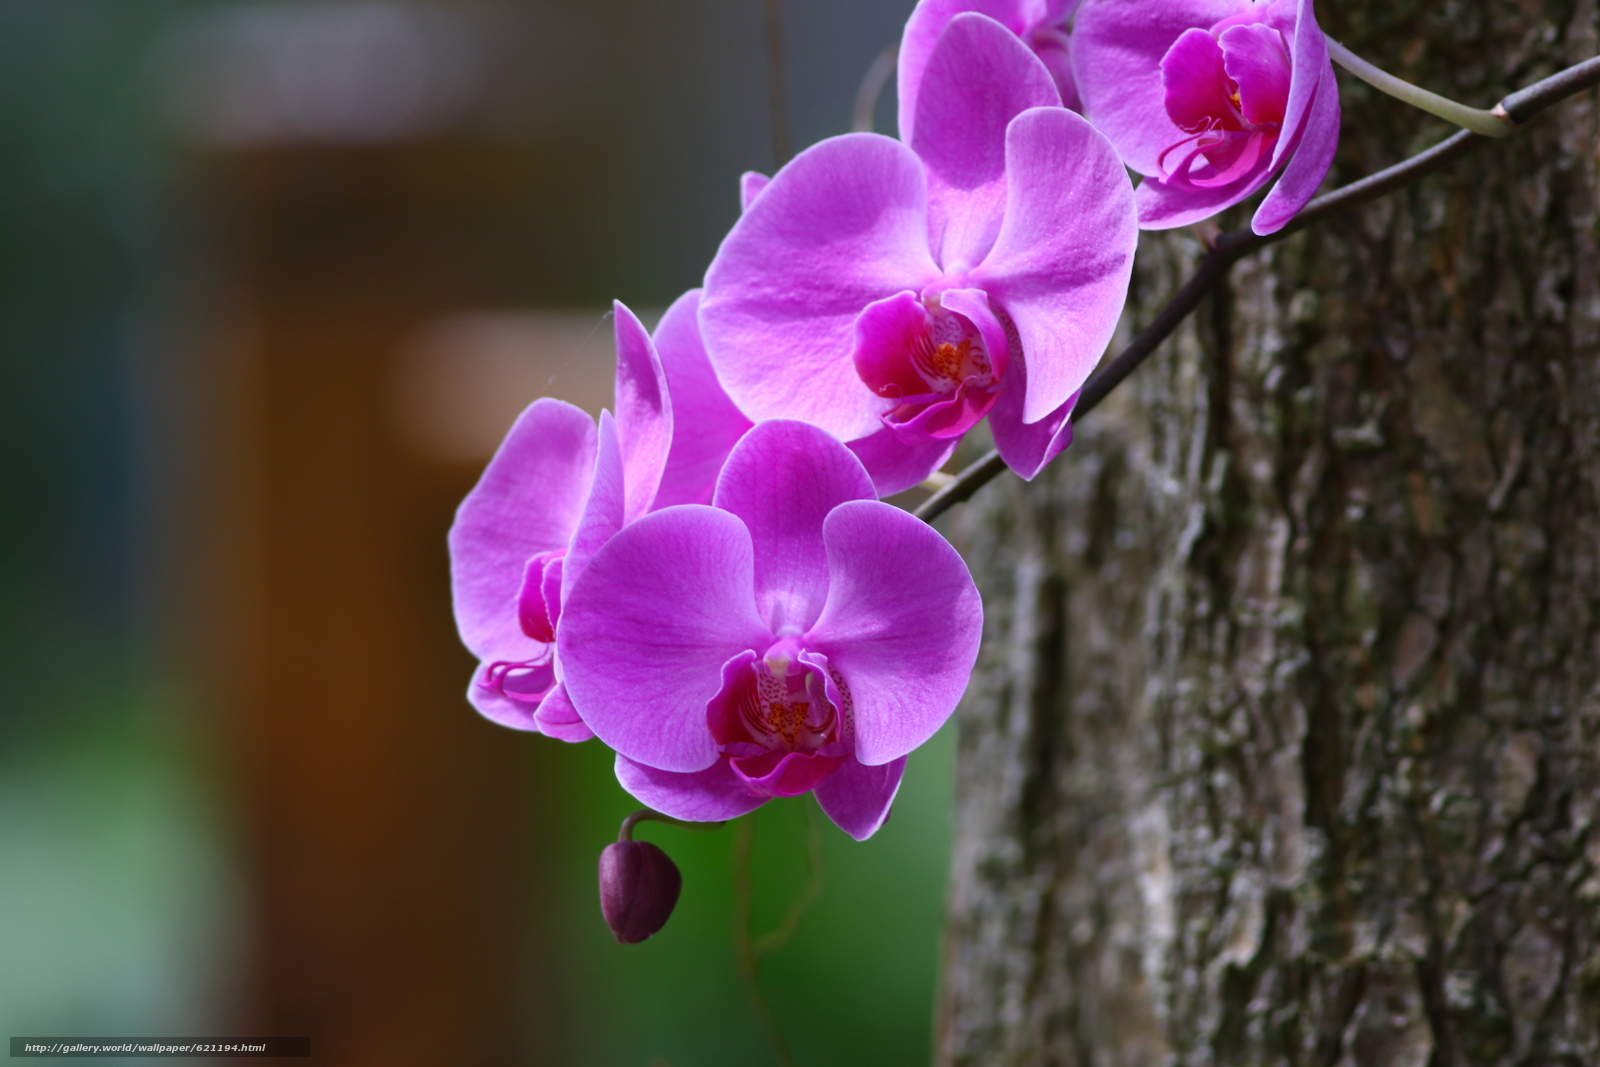 Скачать обои орхидея,  ветка,  макро бесплатно для рабочего стола в разрешении 5472x3648 — картинка №621194